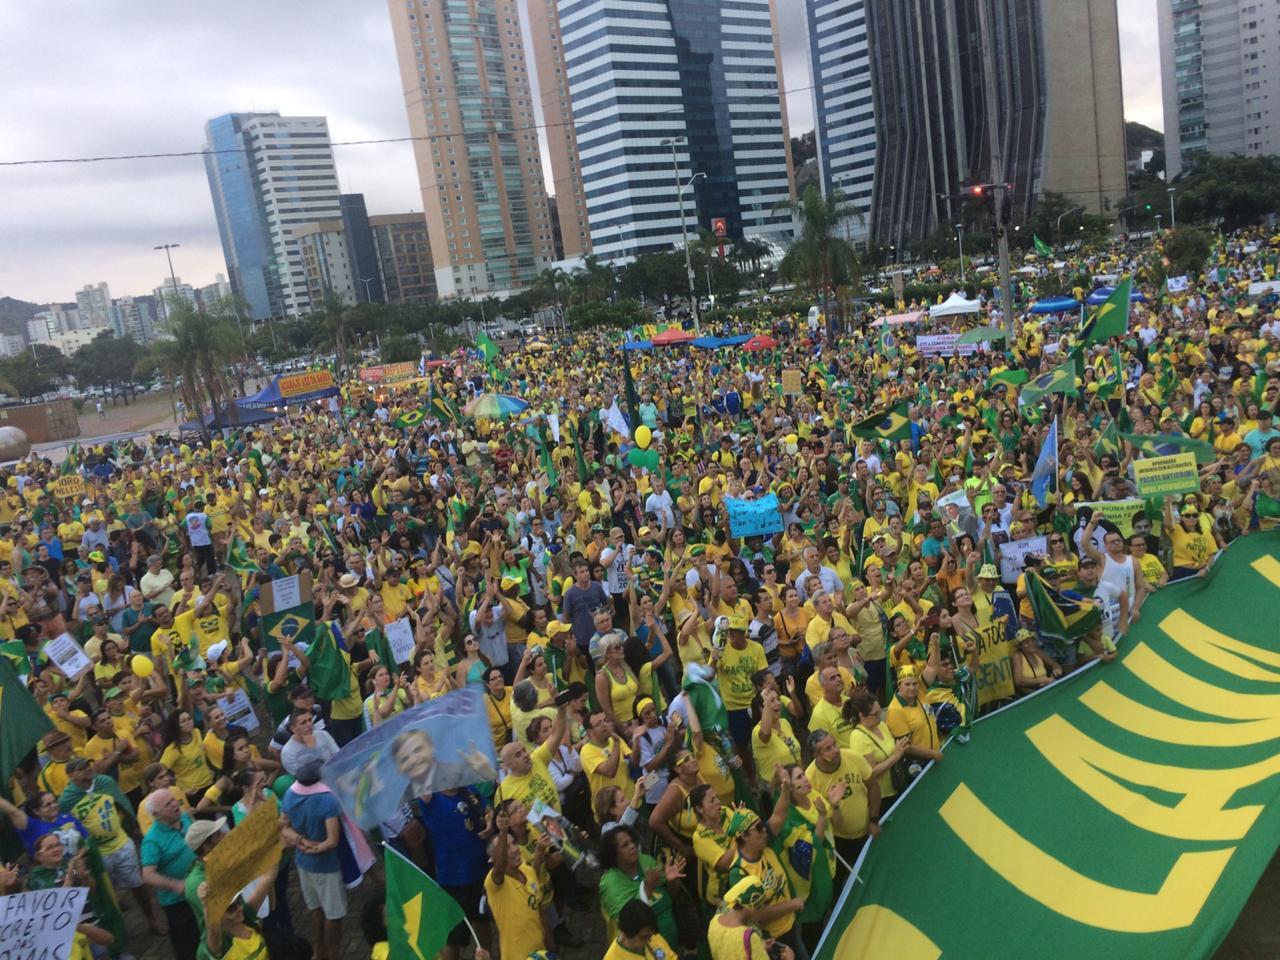 Manifestantes protesto Bolsonaro